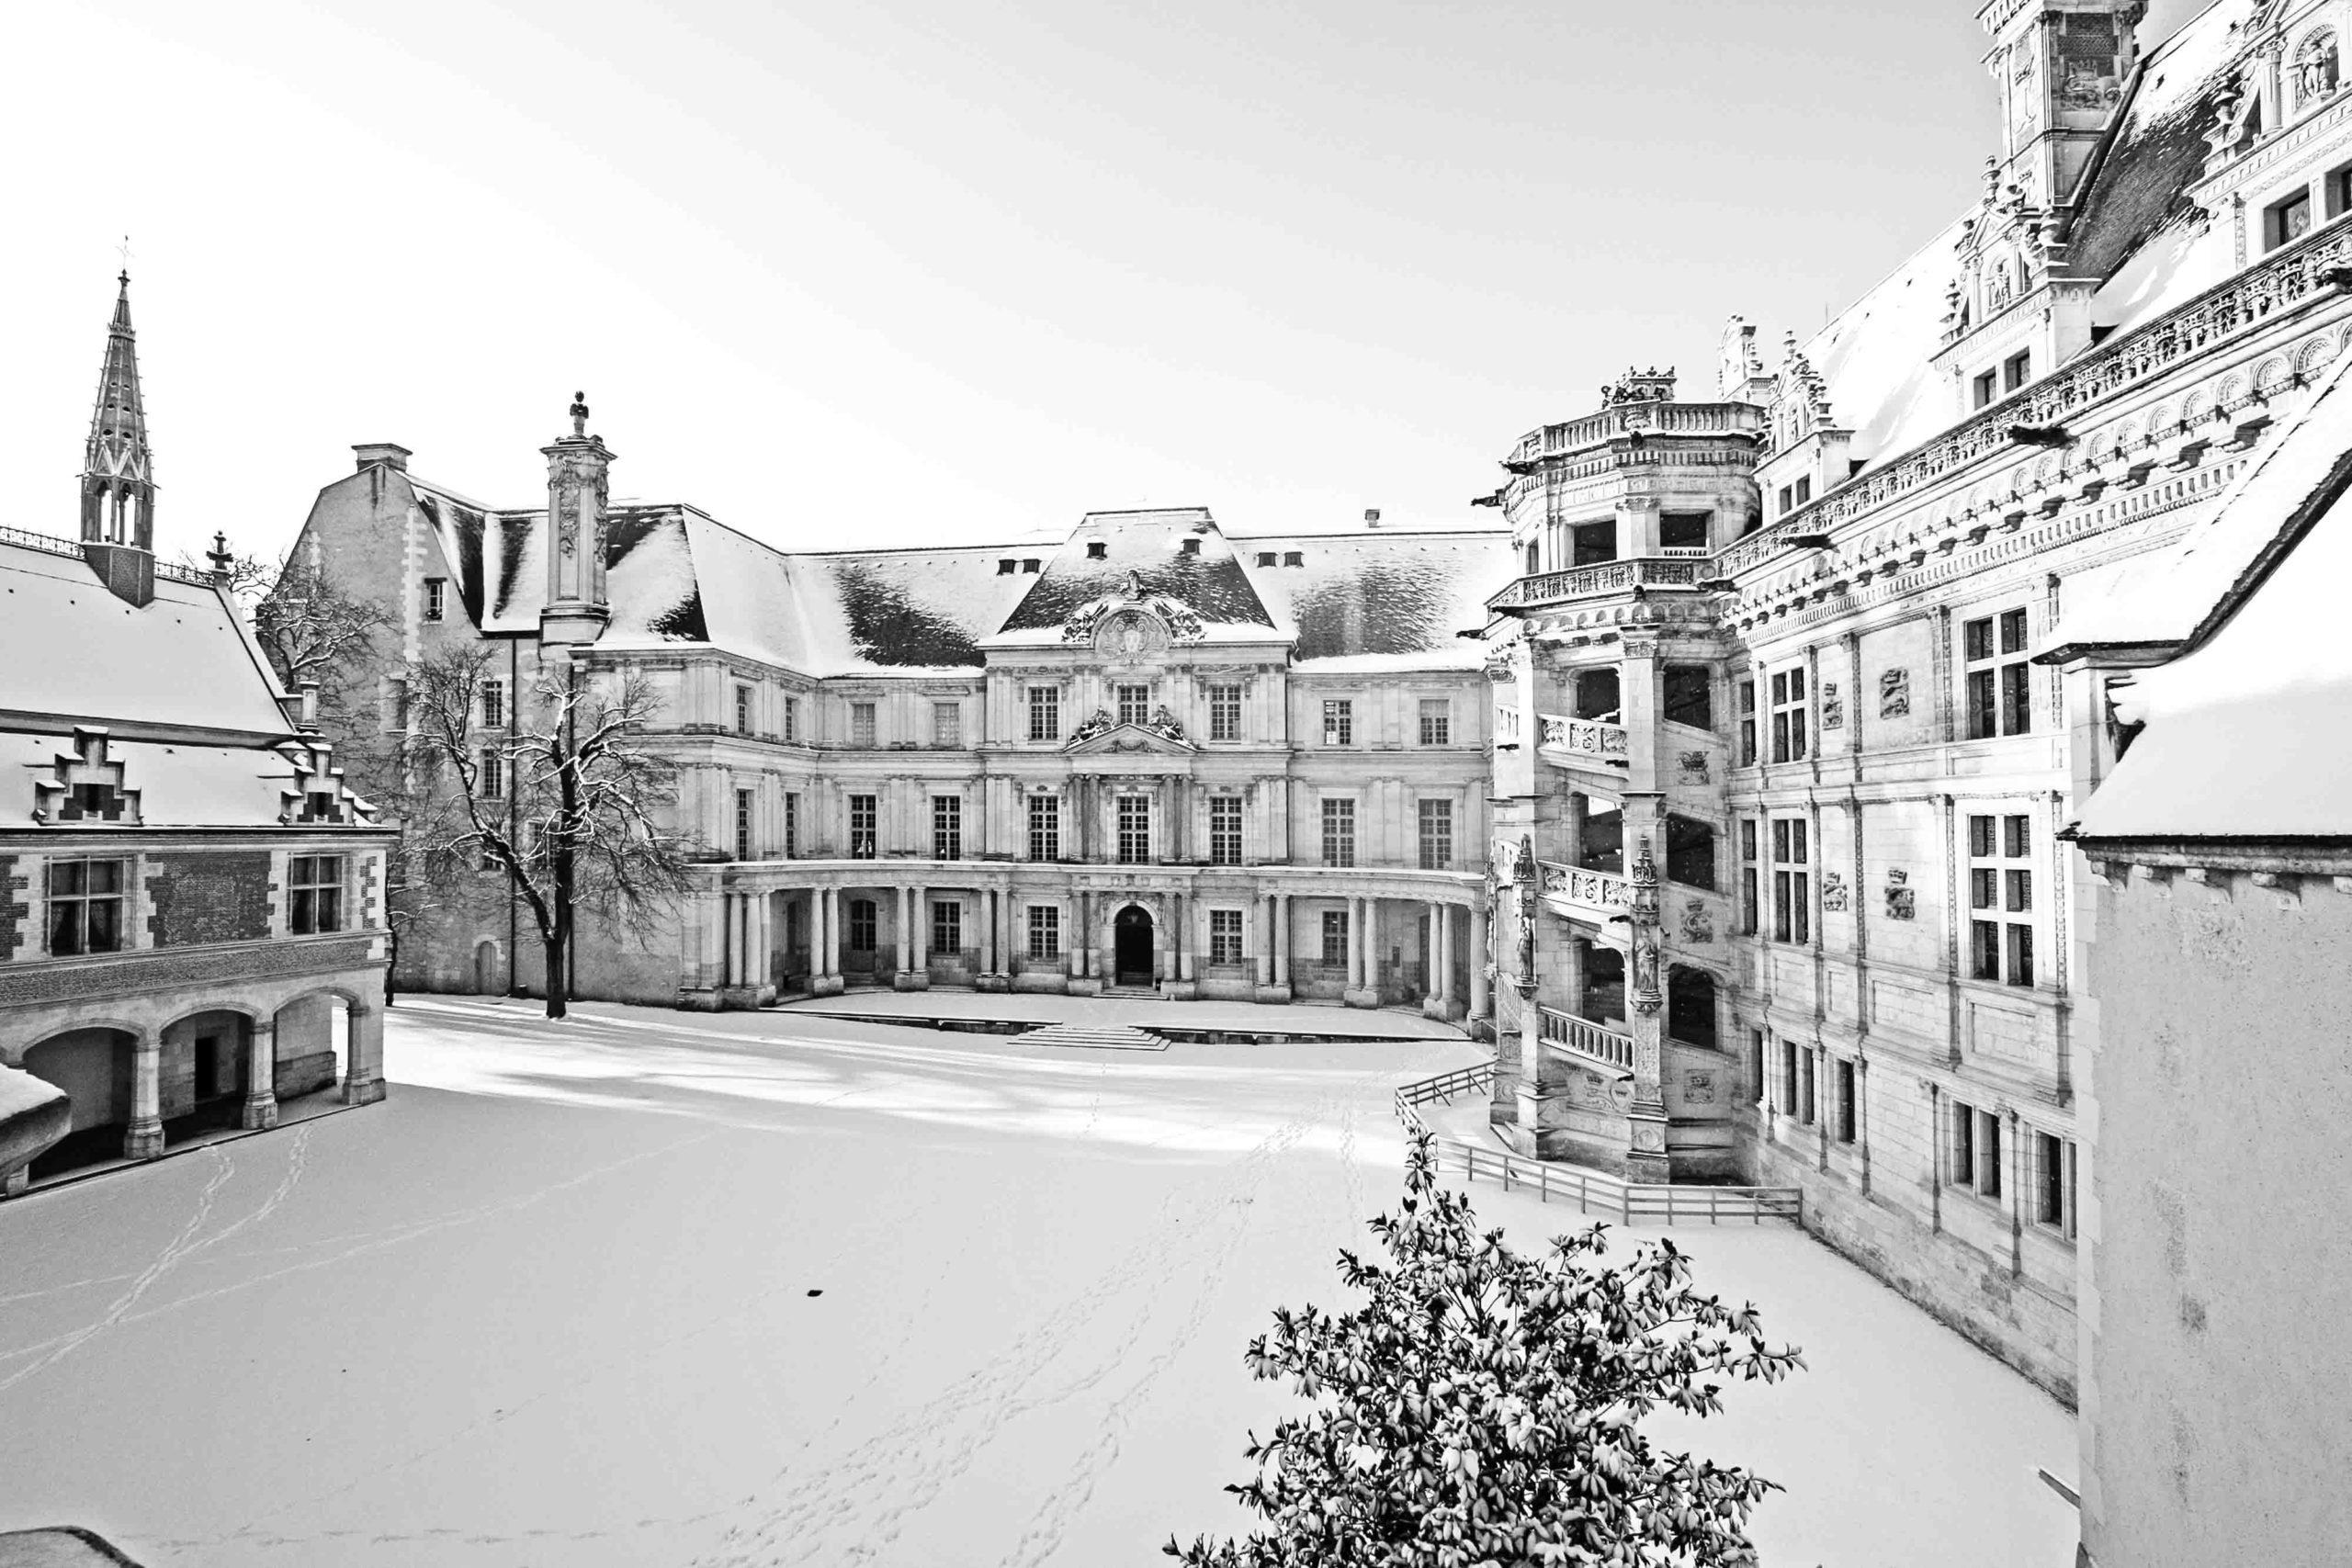 Chateau-Blois-neige-noel-c-Y-Boukef-Chateau-royal-de-Blois-2-min-scaled.jpg